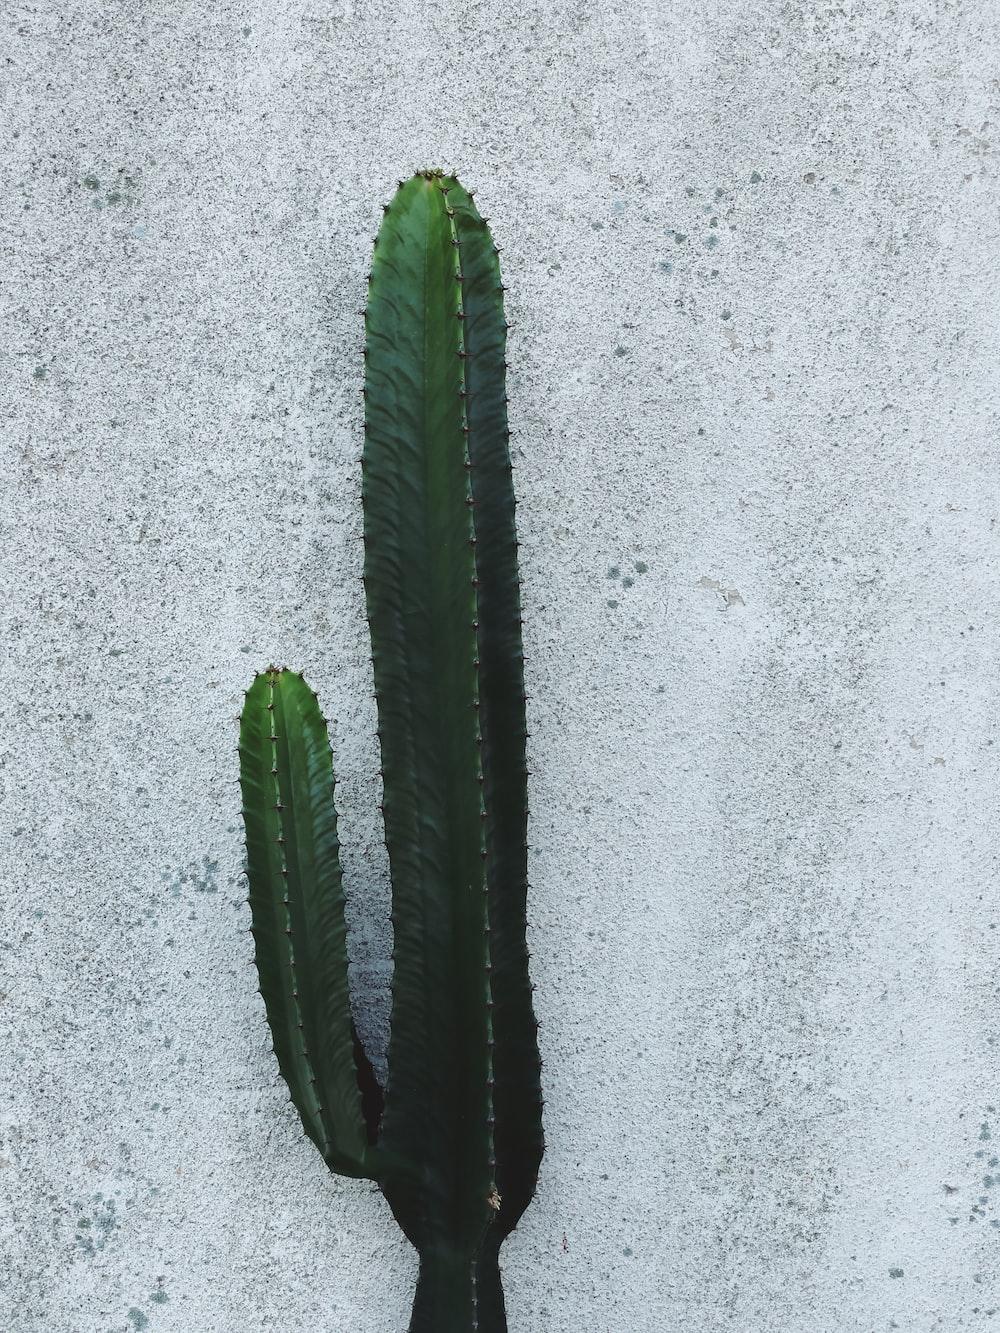 green cactus on gray concrete floor